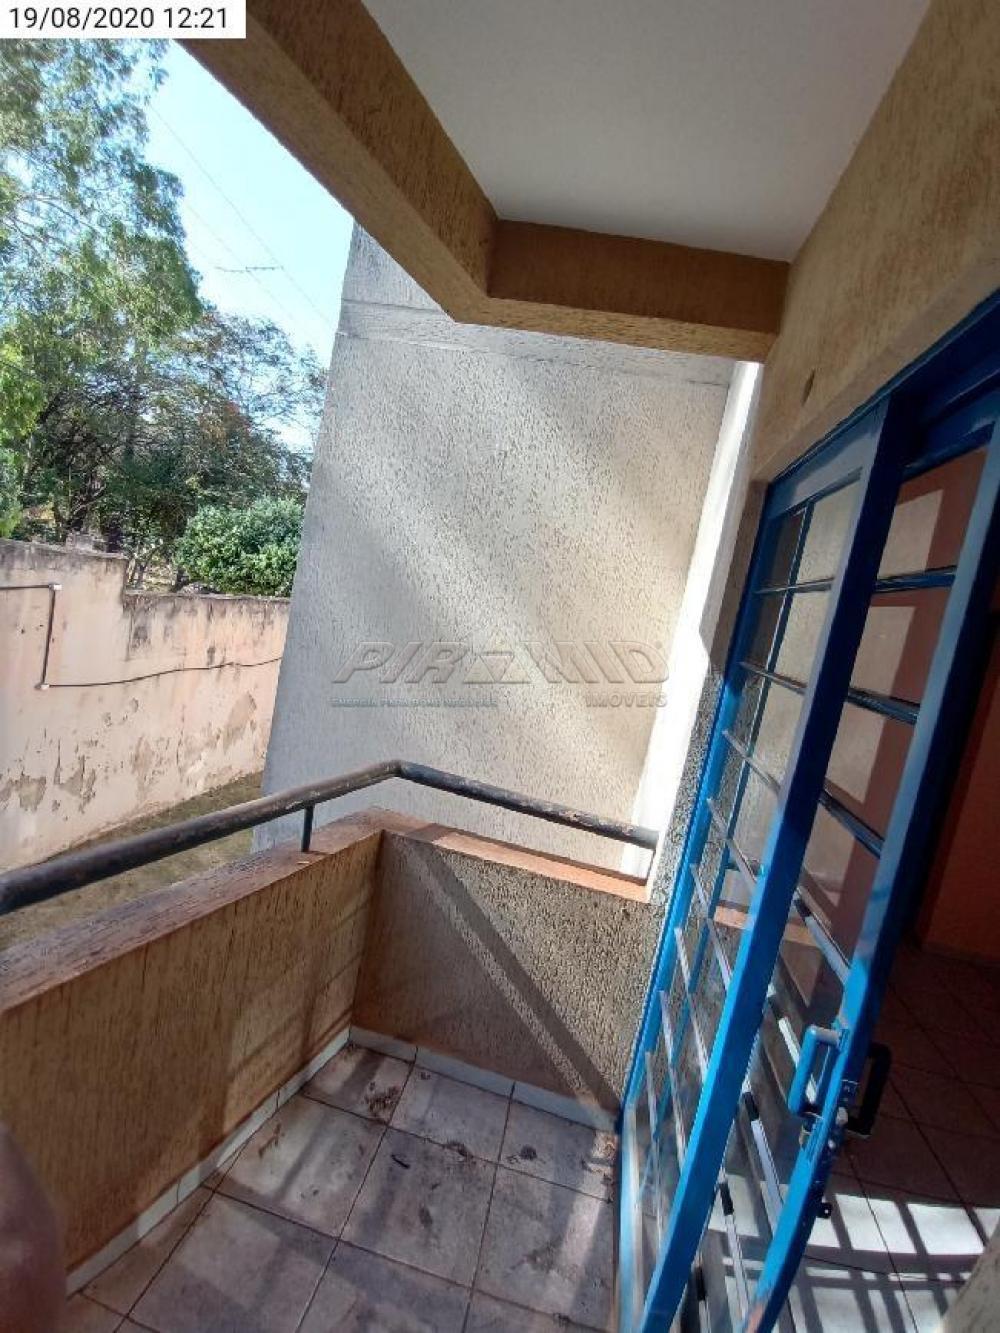 Alugar Apartamento / Padrão em Ribeirão Preto R$ 675,00 - Foto 3